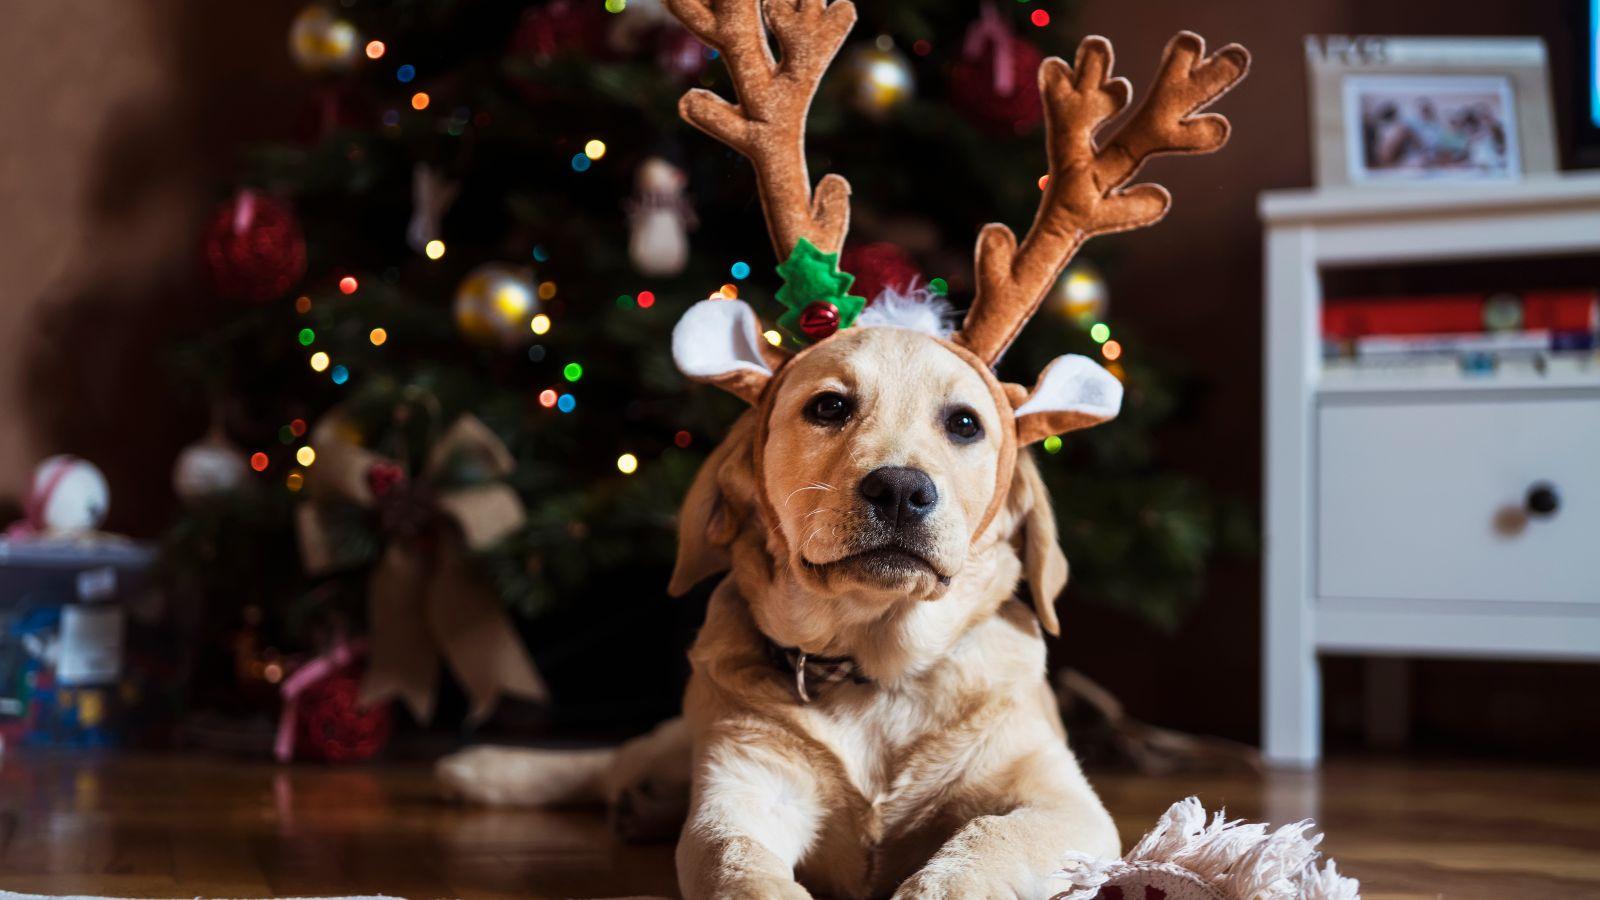 Doggo with antlers